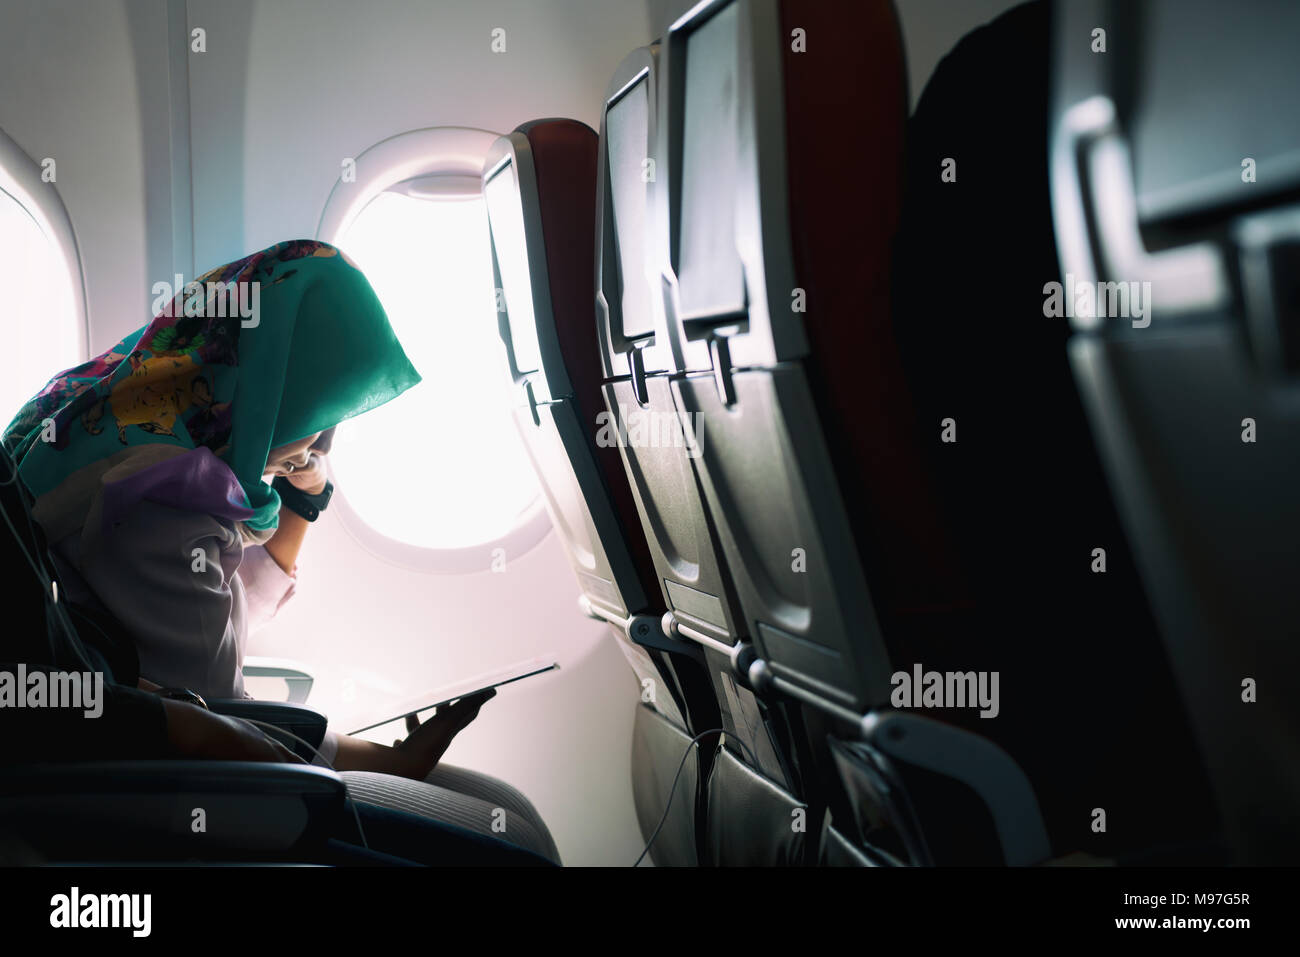 Femme musulmane solitaire voyageant en avion lors de la lecture sur les sièges lors d'un coucher de soleil, mode ambiance lowlight Photo Stock